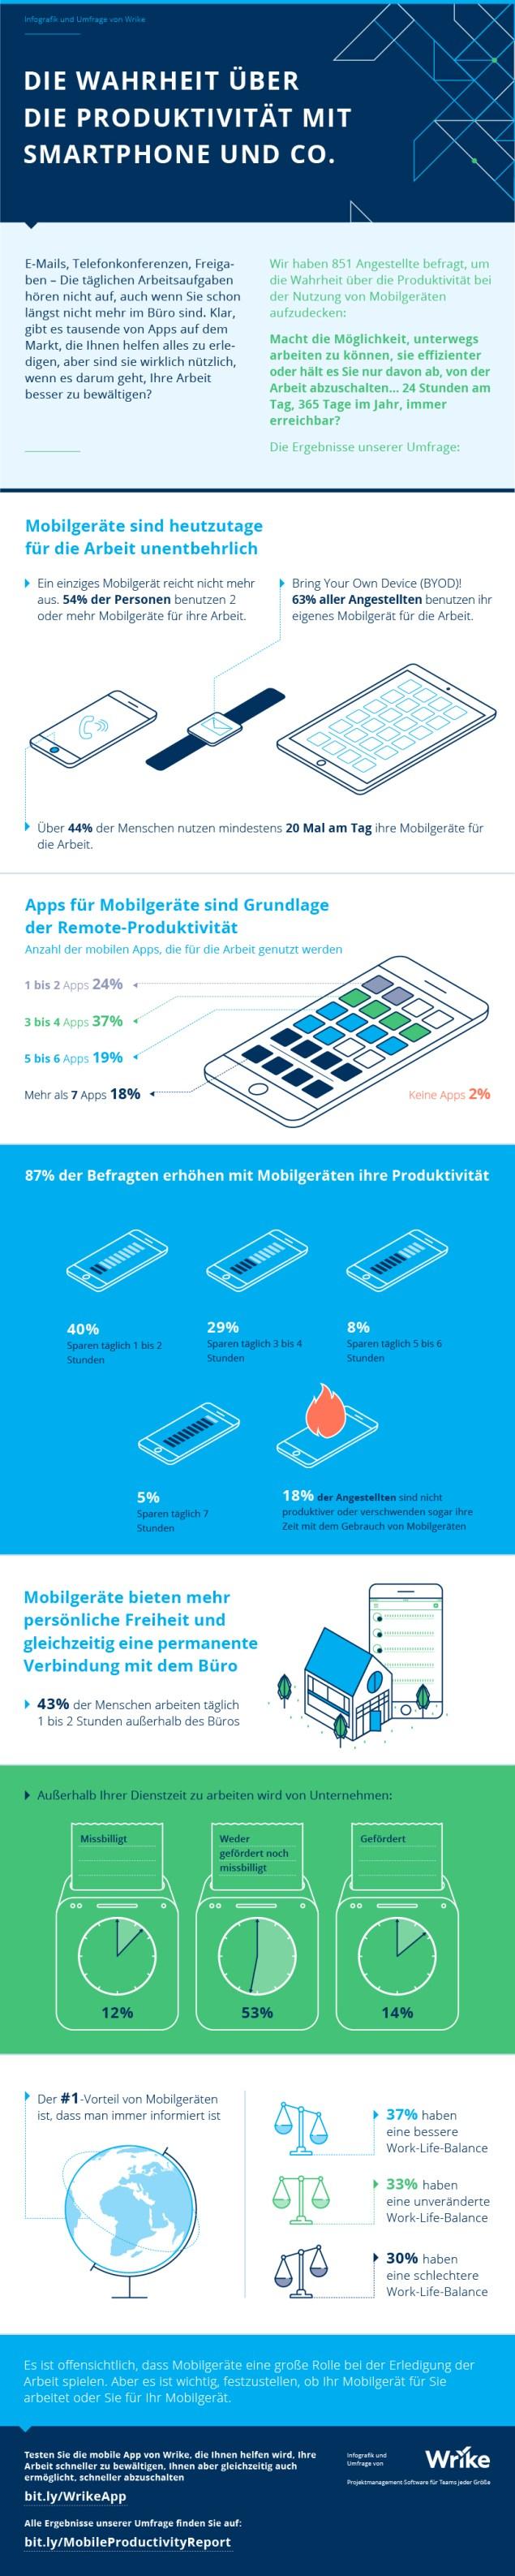 Hilft Ihr Handy Ihnen dabei, produktiver zu sein?